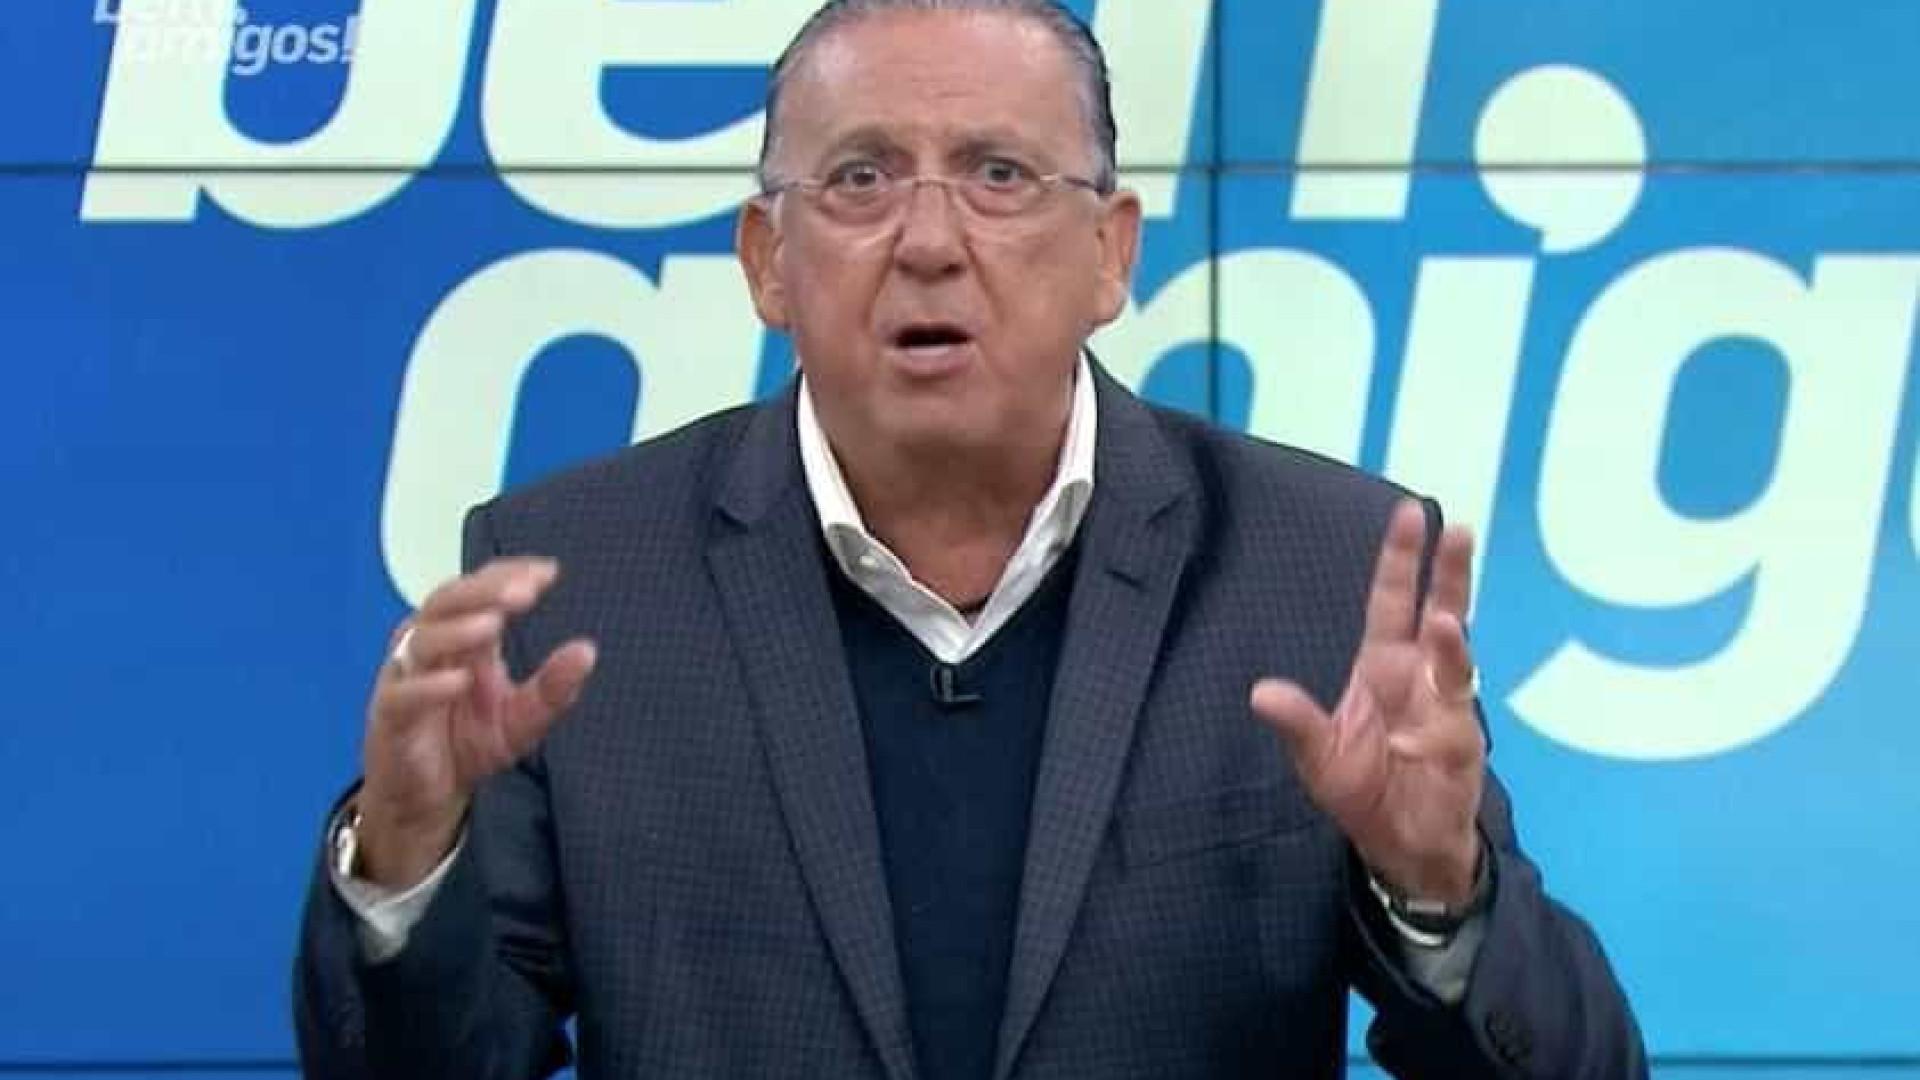 Galvão detona CR7 e Messi por faltarem premiação da Fifa: 'Lamentável'